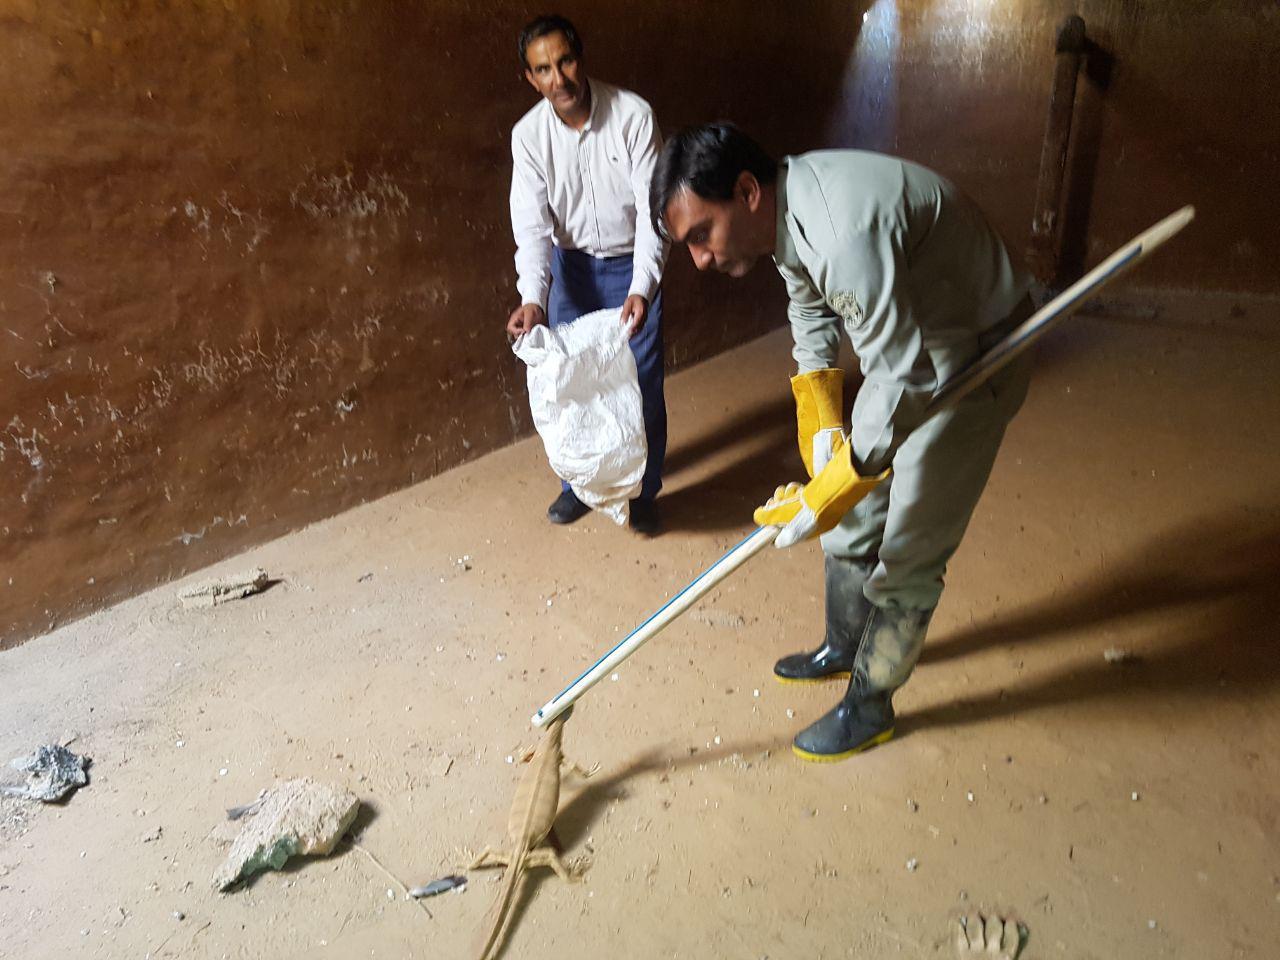 نجات 2 بزمجه گرفتار شده در حوض انبار متروکه زیرکوه + عکس